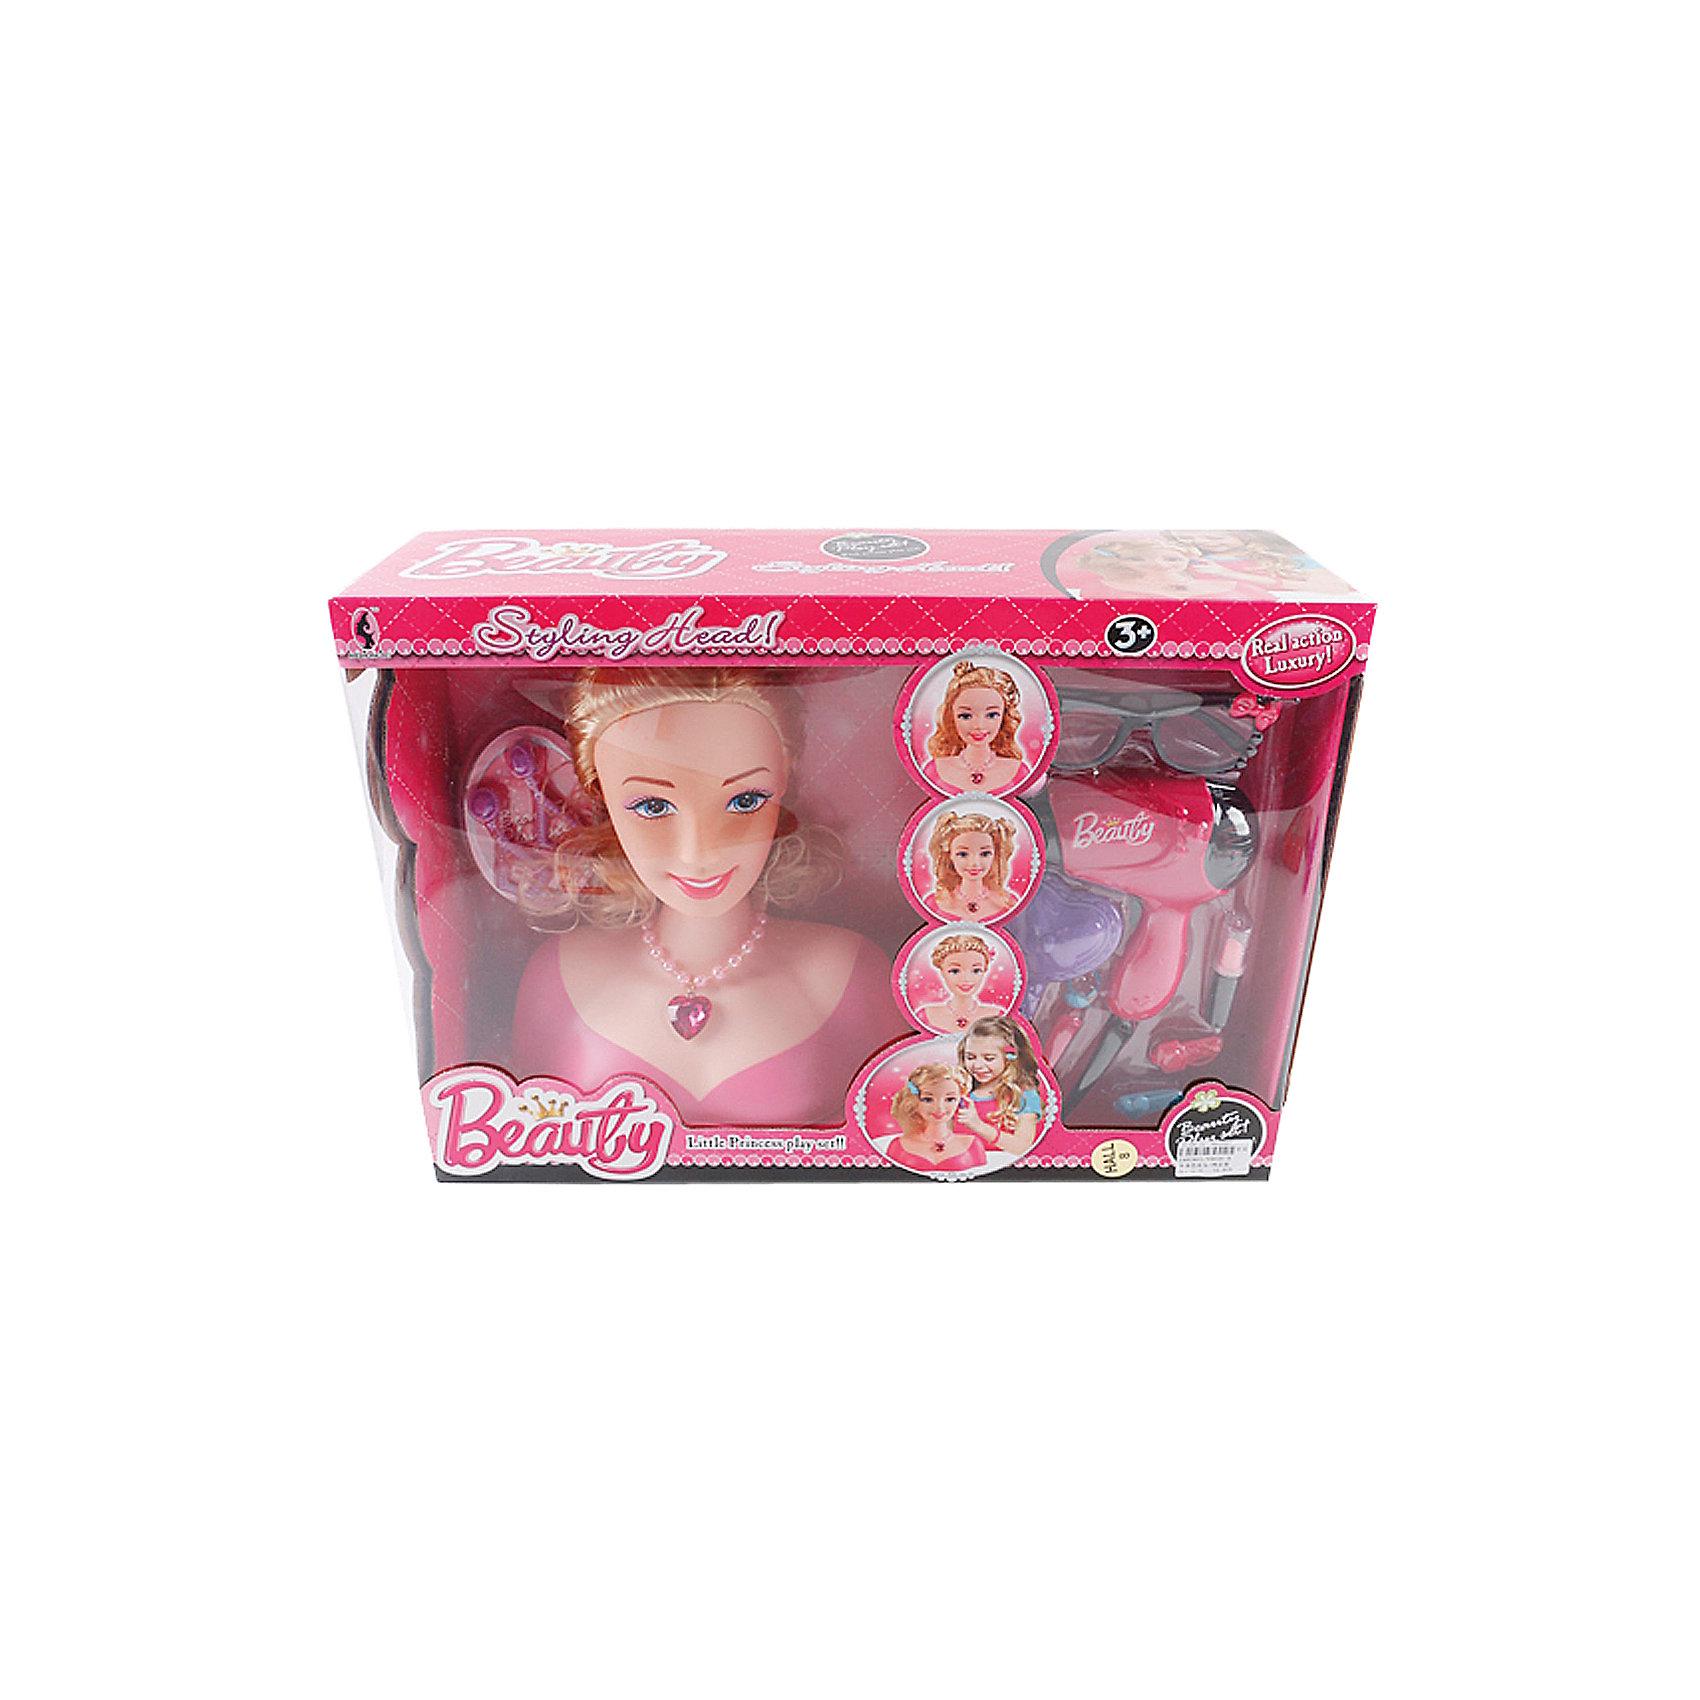 Набор стилиста с аксессуарами и феном, Shantou GepaiСюжетно-ролевые игры<br>Набор стилиста с аксессуарами и феном, Shantou Gepai.<br><br>Характеристики:<br><br>• В наборе: кукла-манекен (бюст), фен, аксессуары<br>• Материал: пластик, текстиль<br>• Упаковка: картонная коробка блистерного типа<br>• Размер упаковки: 46х13х23 см.<br><br>Игровой набор позволит девочке не только вообразить себя модным стилистом, но и освоить некоторое профессиональные навыки и приемы. Для этой цели комплект включает в себя специальный игрушечный бюст молодой девушки с густыми волосами. С помощью дополнительных аксессуаров и различных парикмахерских инструментов можно будет увлекательно экспериментировать, придумывая и создавая оригинальные прически и новые прекрасные образы.<br><br>Набор стилиста с аксессуарами и феном, Shantou Gepai можно купить в нашем интернет-магазине.<br><br>Ширина мм: 460<br>Глубина мм: 135<br>Высота мм: 330<br>Вес г: 1317<br>Возраст от месяцев: 36<br>Возраст до месяцев: 2147483647<br>Пол: Женский<br>Возраст: Детский<br>SKU: 5450231